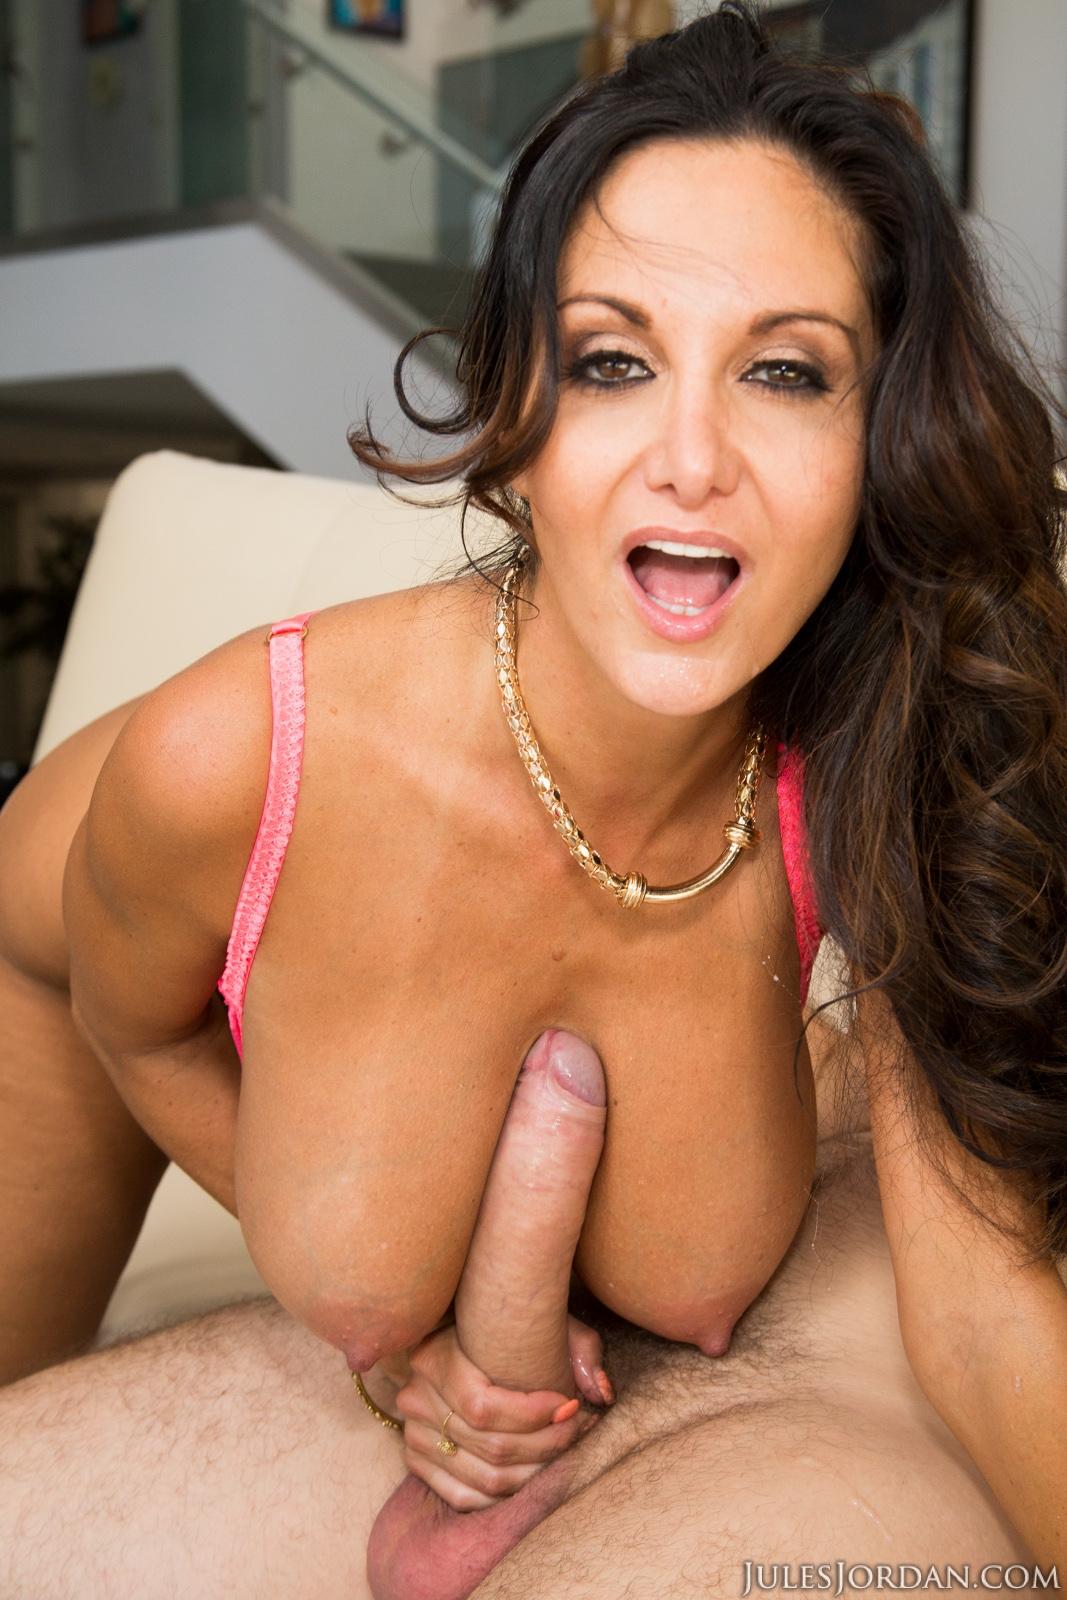 Ava addams - mostrar, chupar y coger por el culo